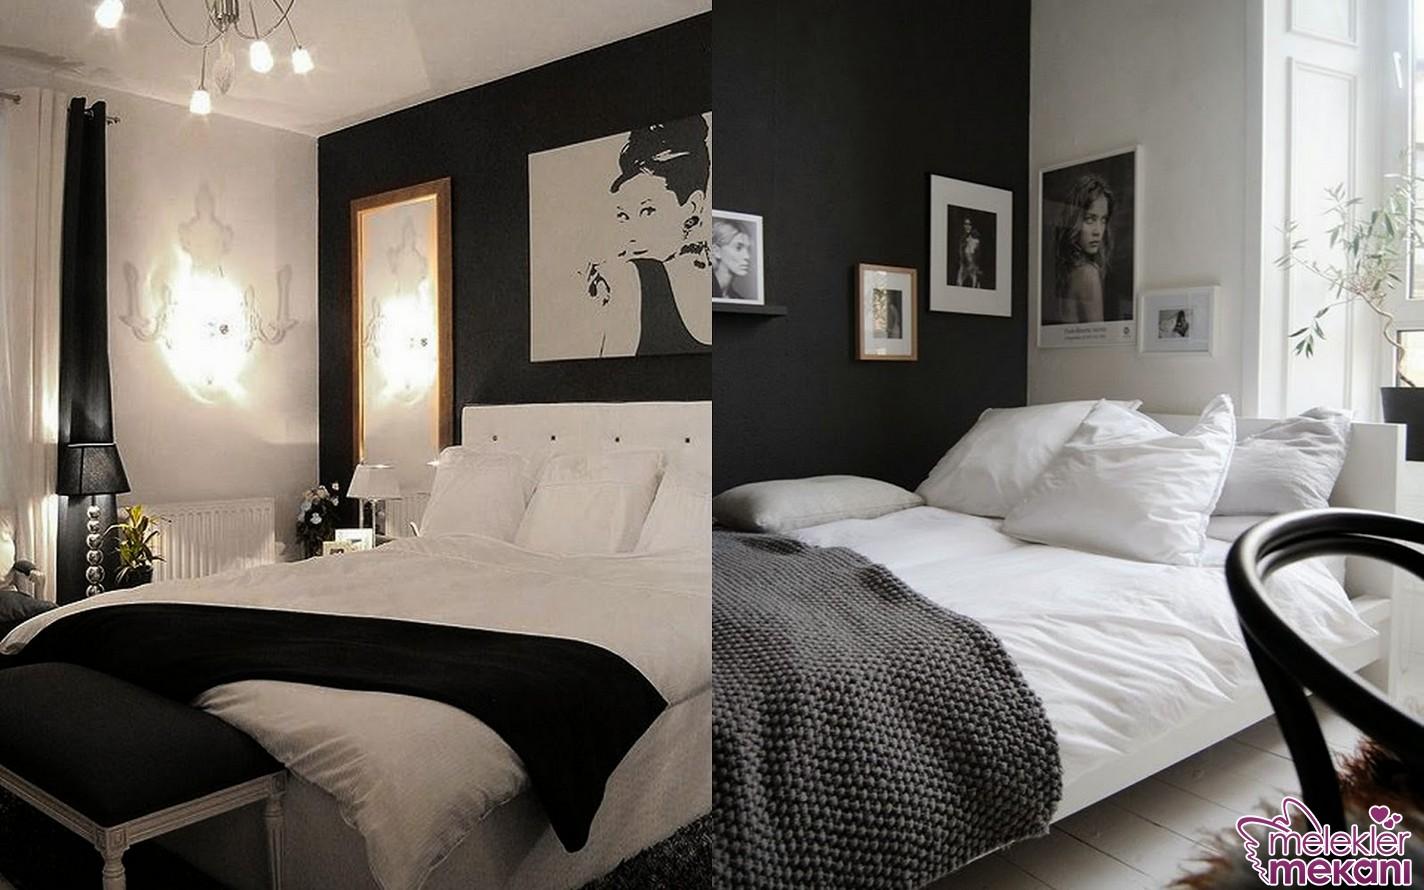 Zıt renkler olan siyah beyaz ile yatak odanızda uyumlu bir dekorasyon anlayışı oluşturabilirsiniz.